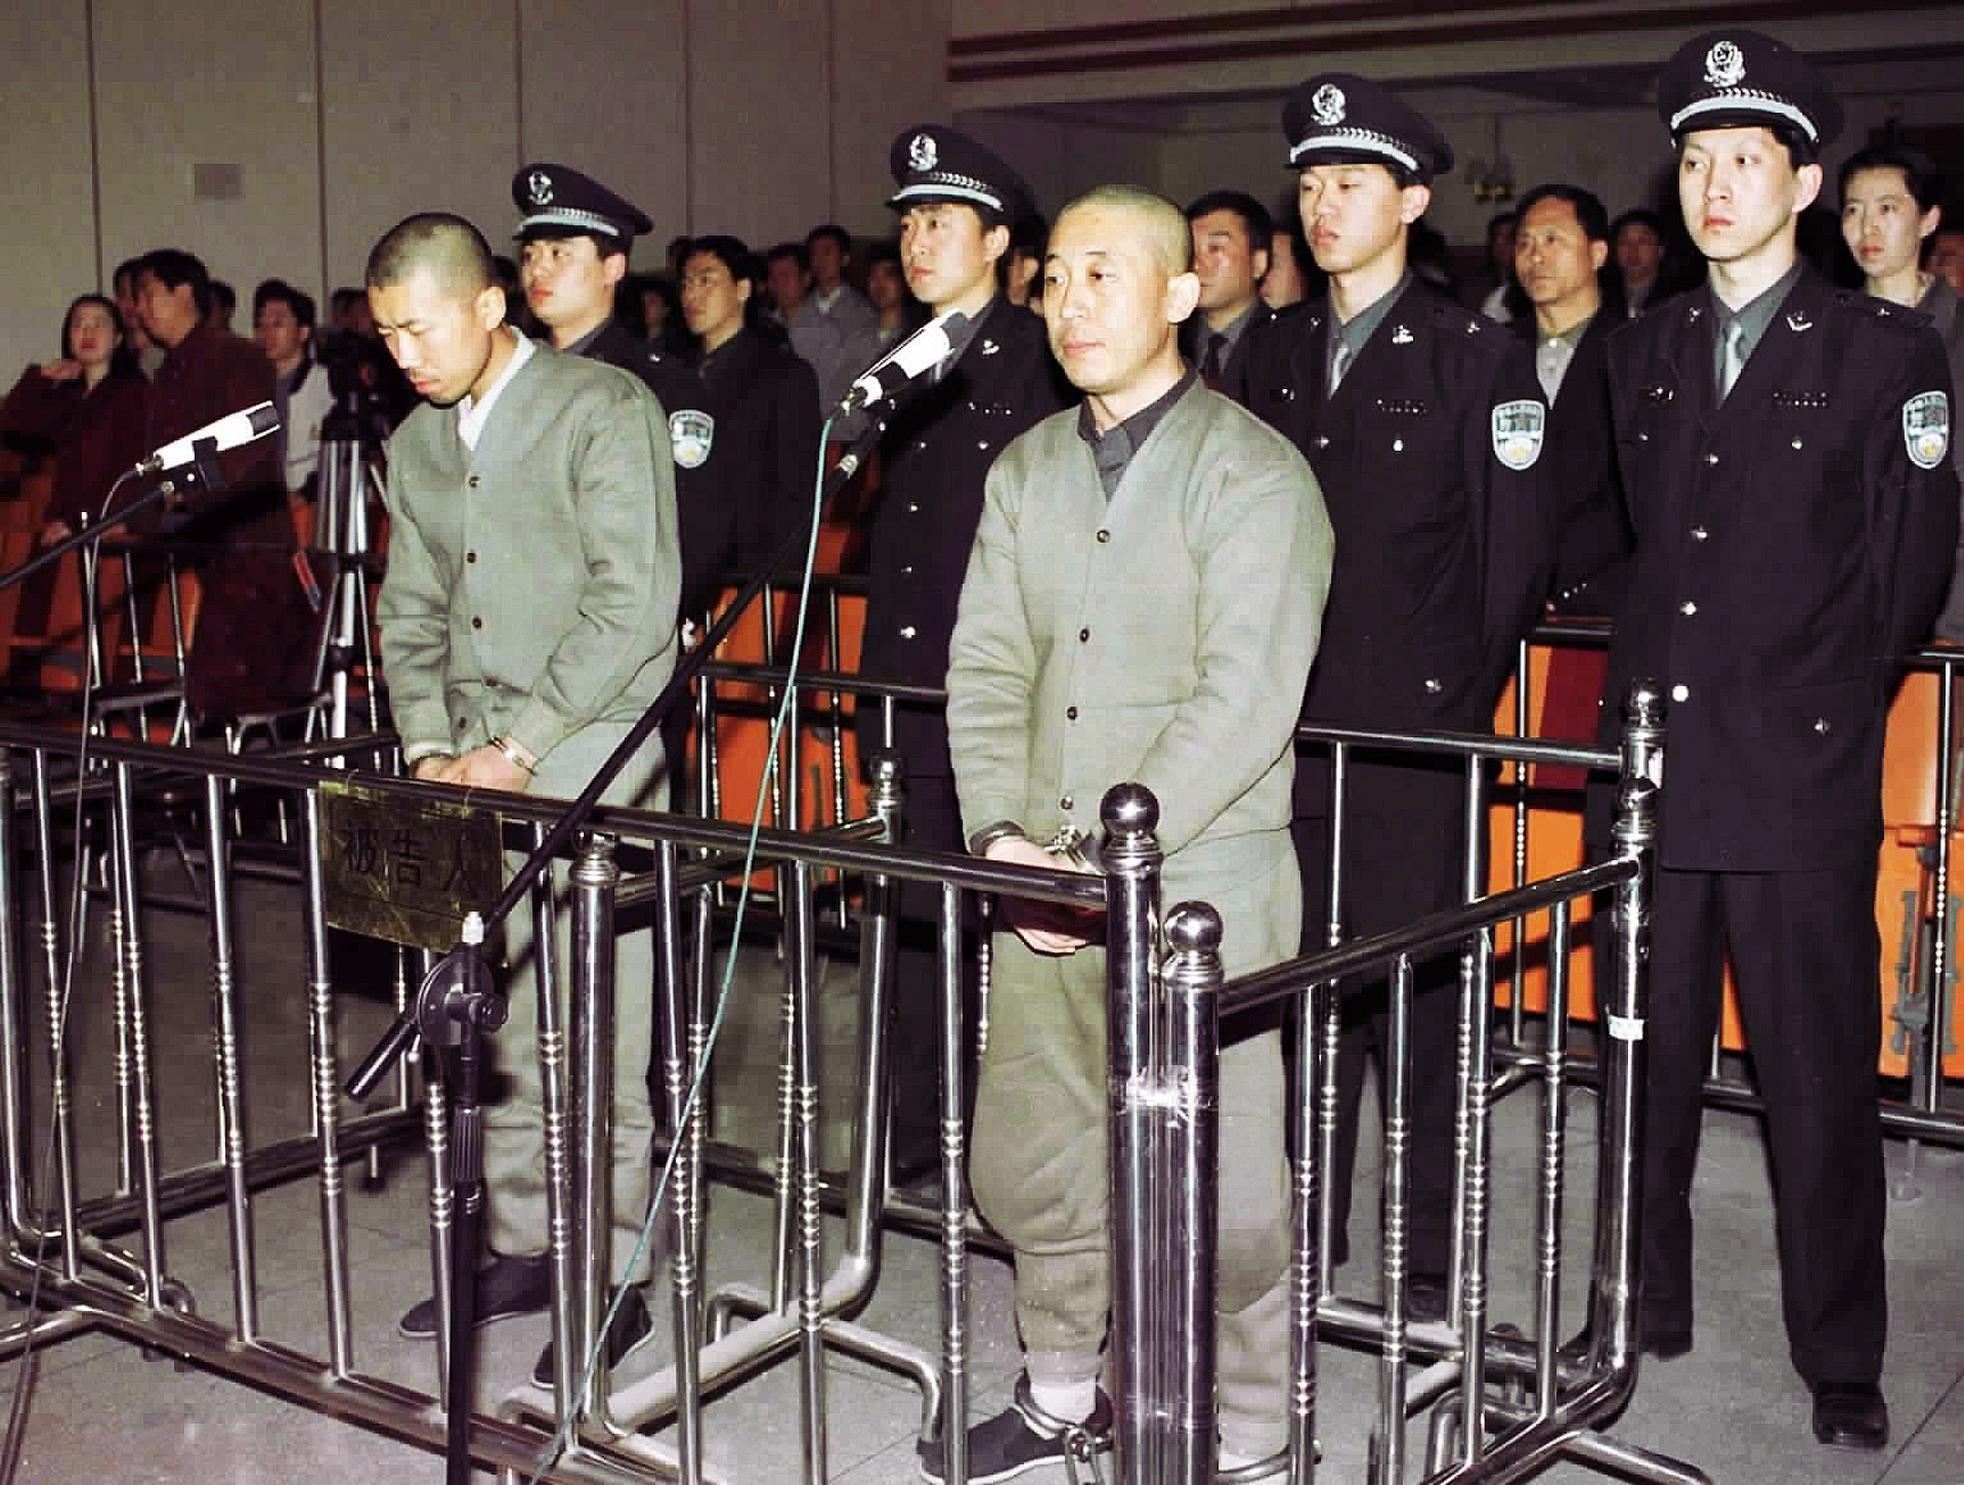 Falun Gong followers Dou Zhenxiang and Wang Hongjun during their trial at the Fushun Intermediate People's Court in Beijing, 29 April 2001. They were sentenced to 13 years in prison.